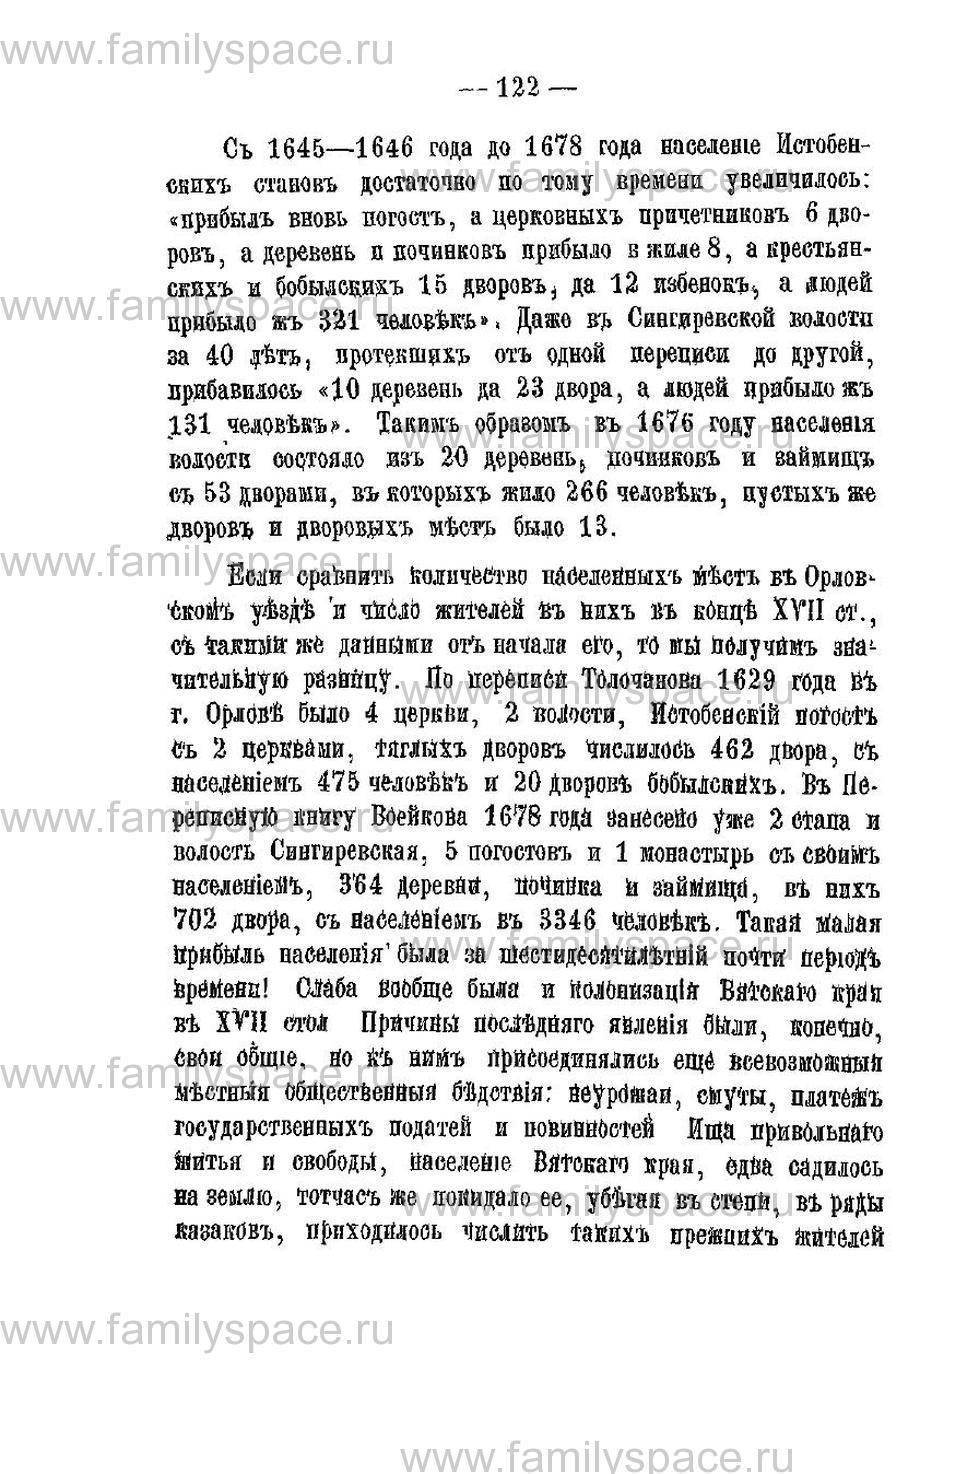 Поиск по фамилии - Переписная книга Орлова и волостей 1678 г, страница 118